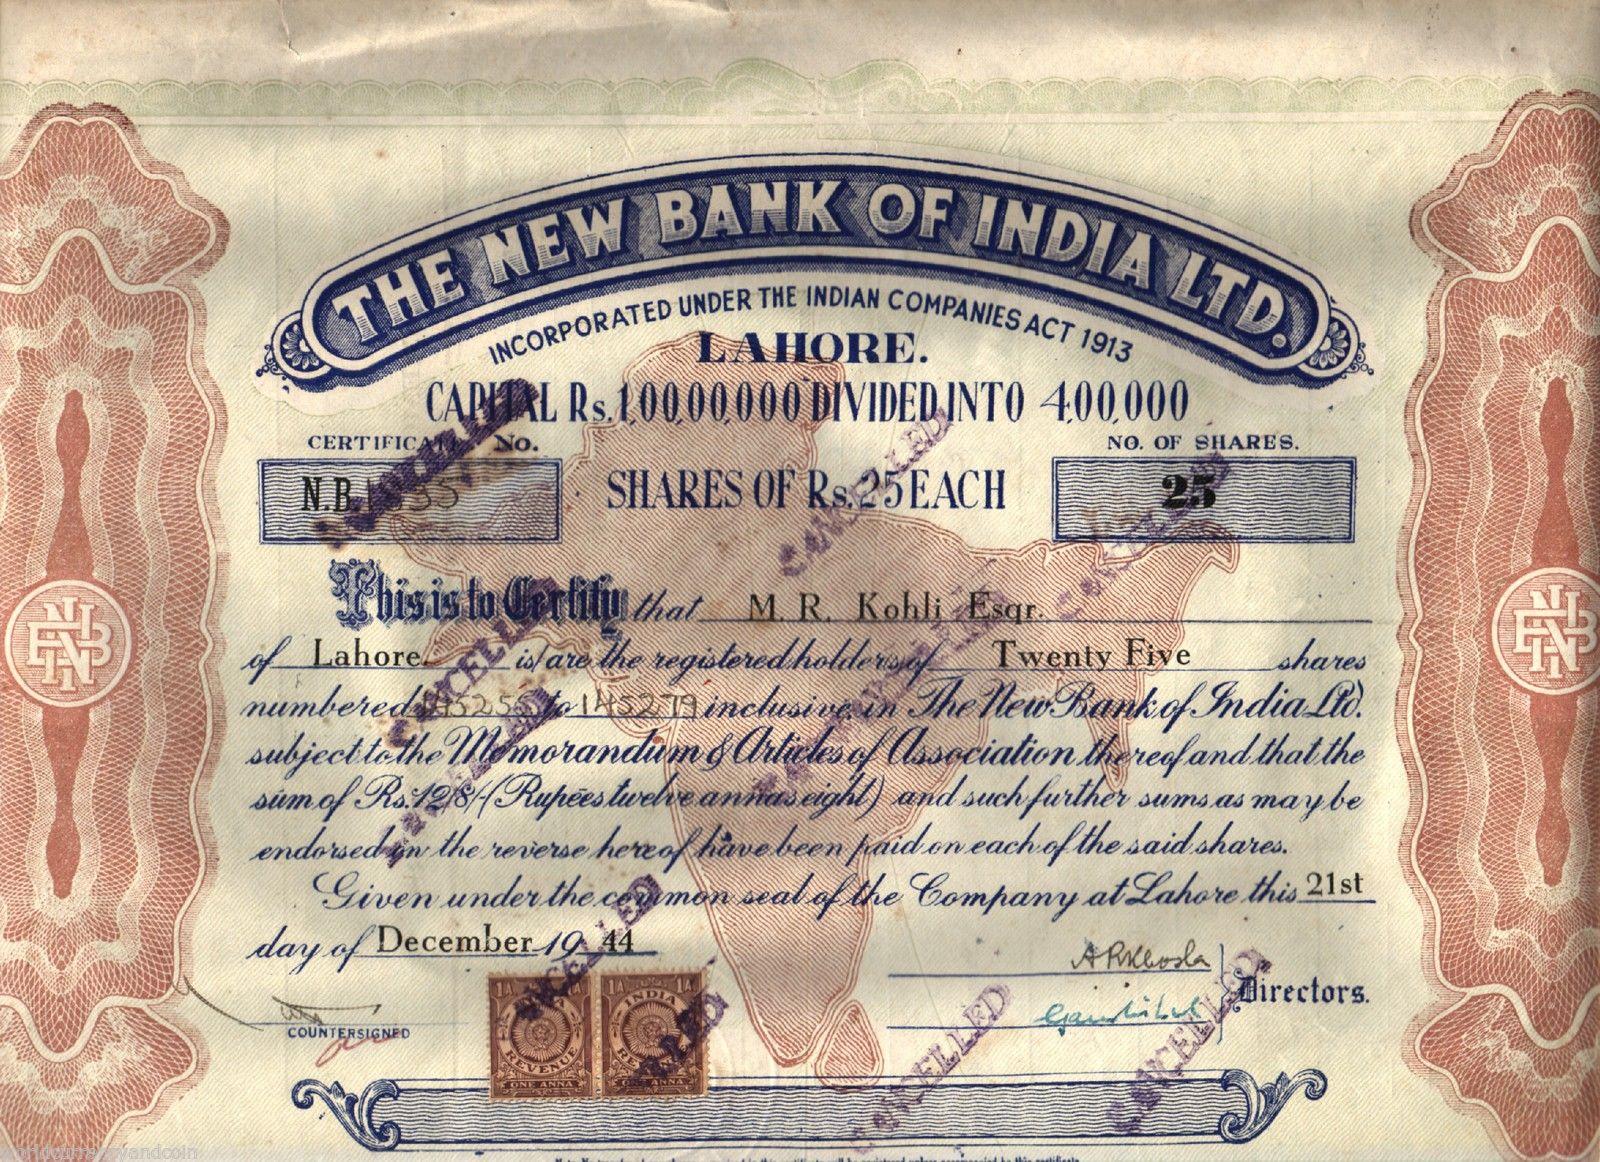 New Bank of India - MR Kohli Share Certificate